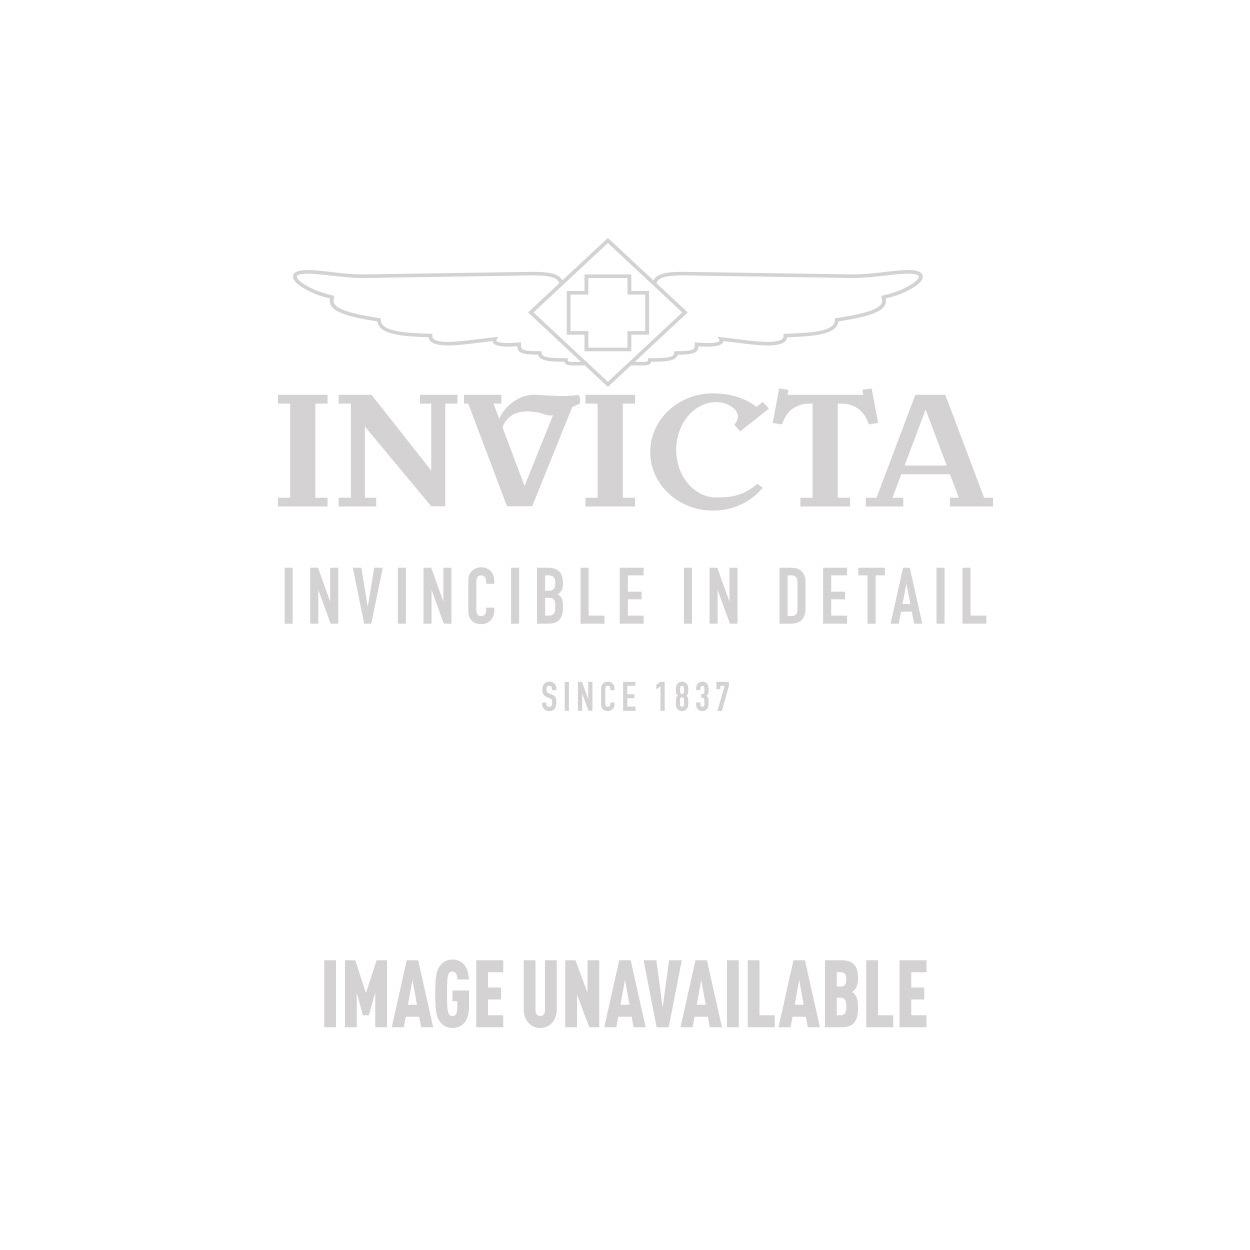 Invicta Model 27239